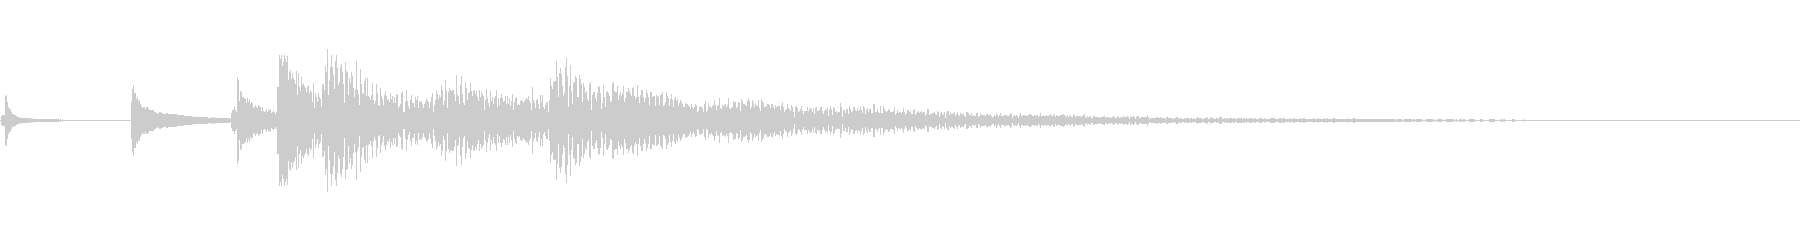 ハープ:リトルランダムグリッシーズ...の未再生の波形